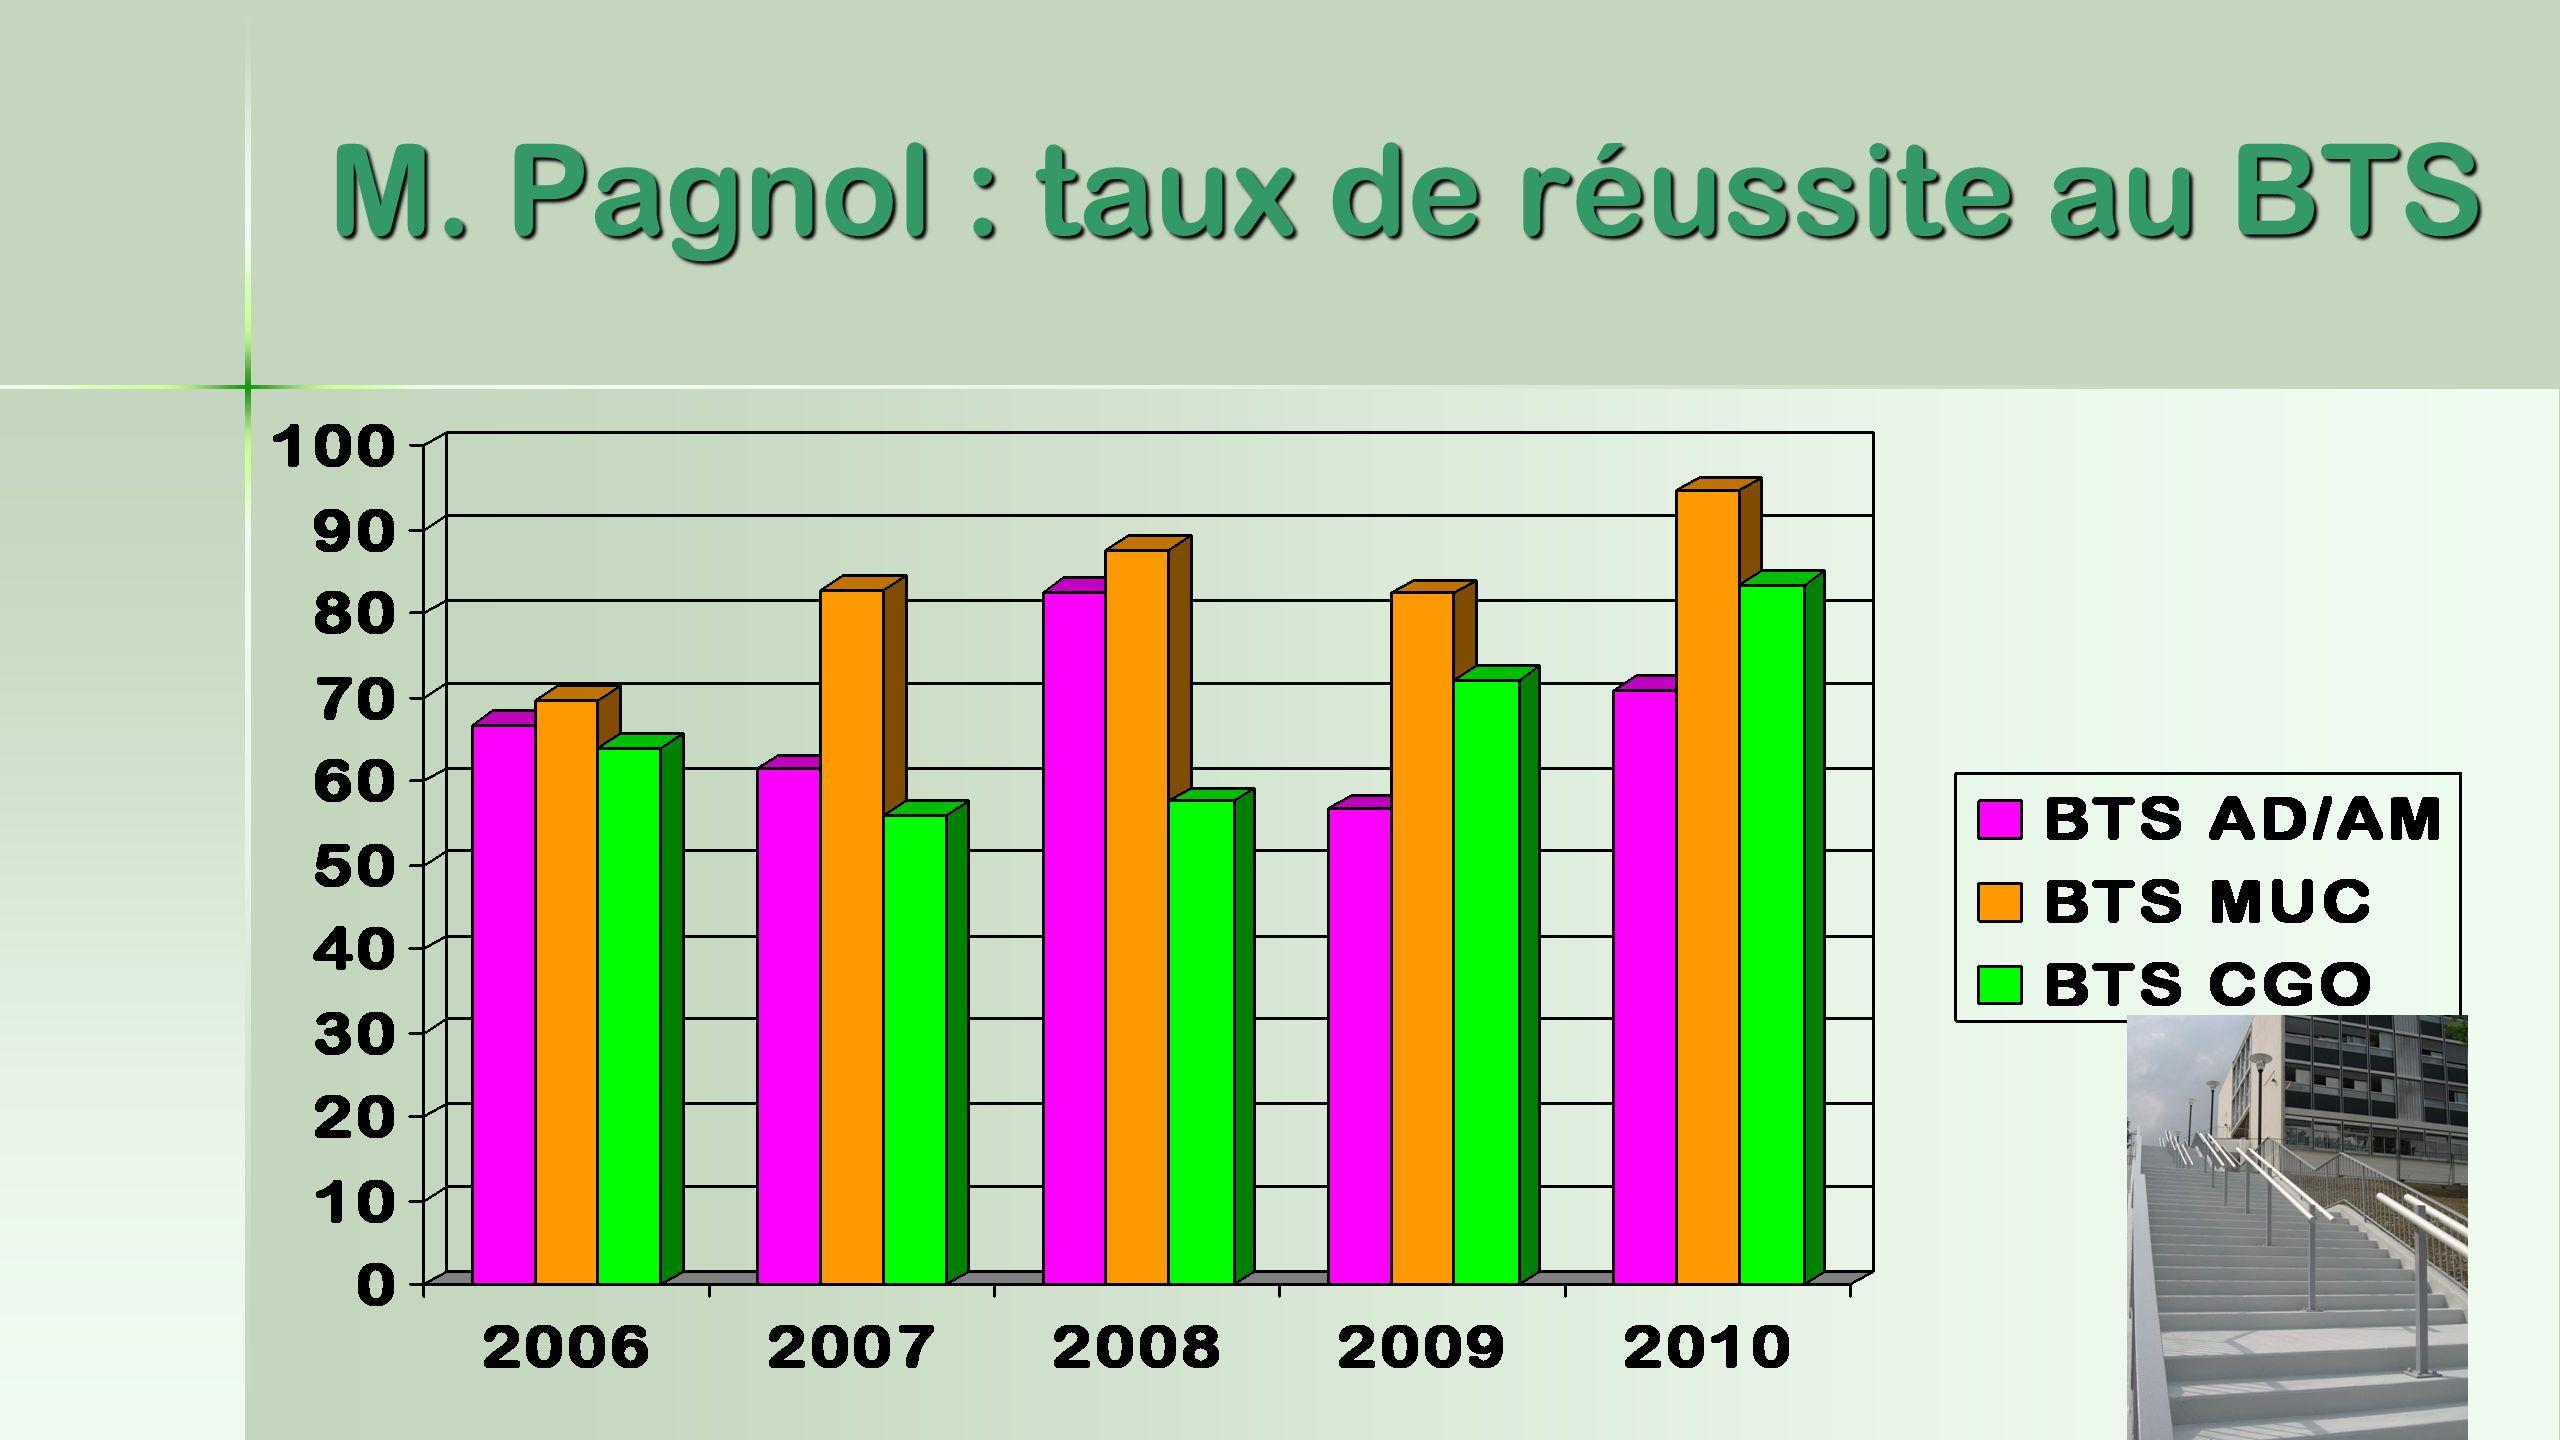 M. Pagnol : taux de réussite au BTS